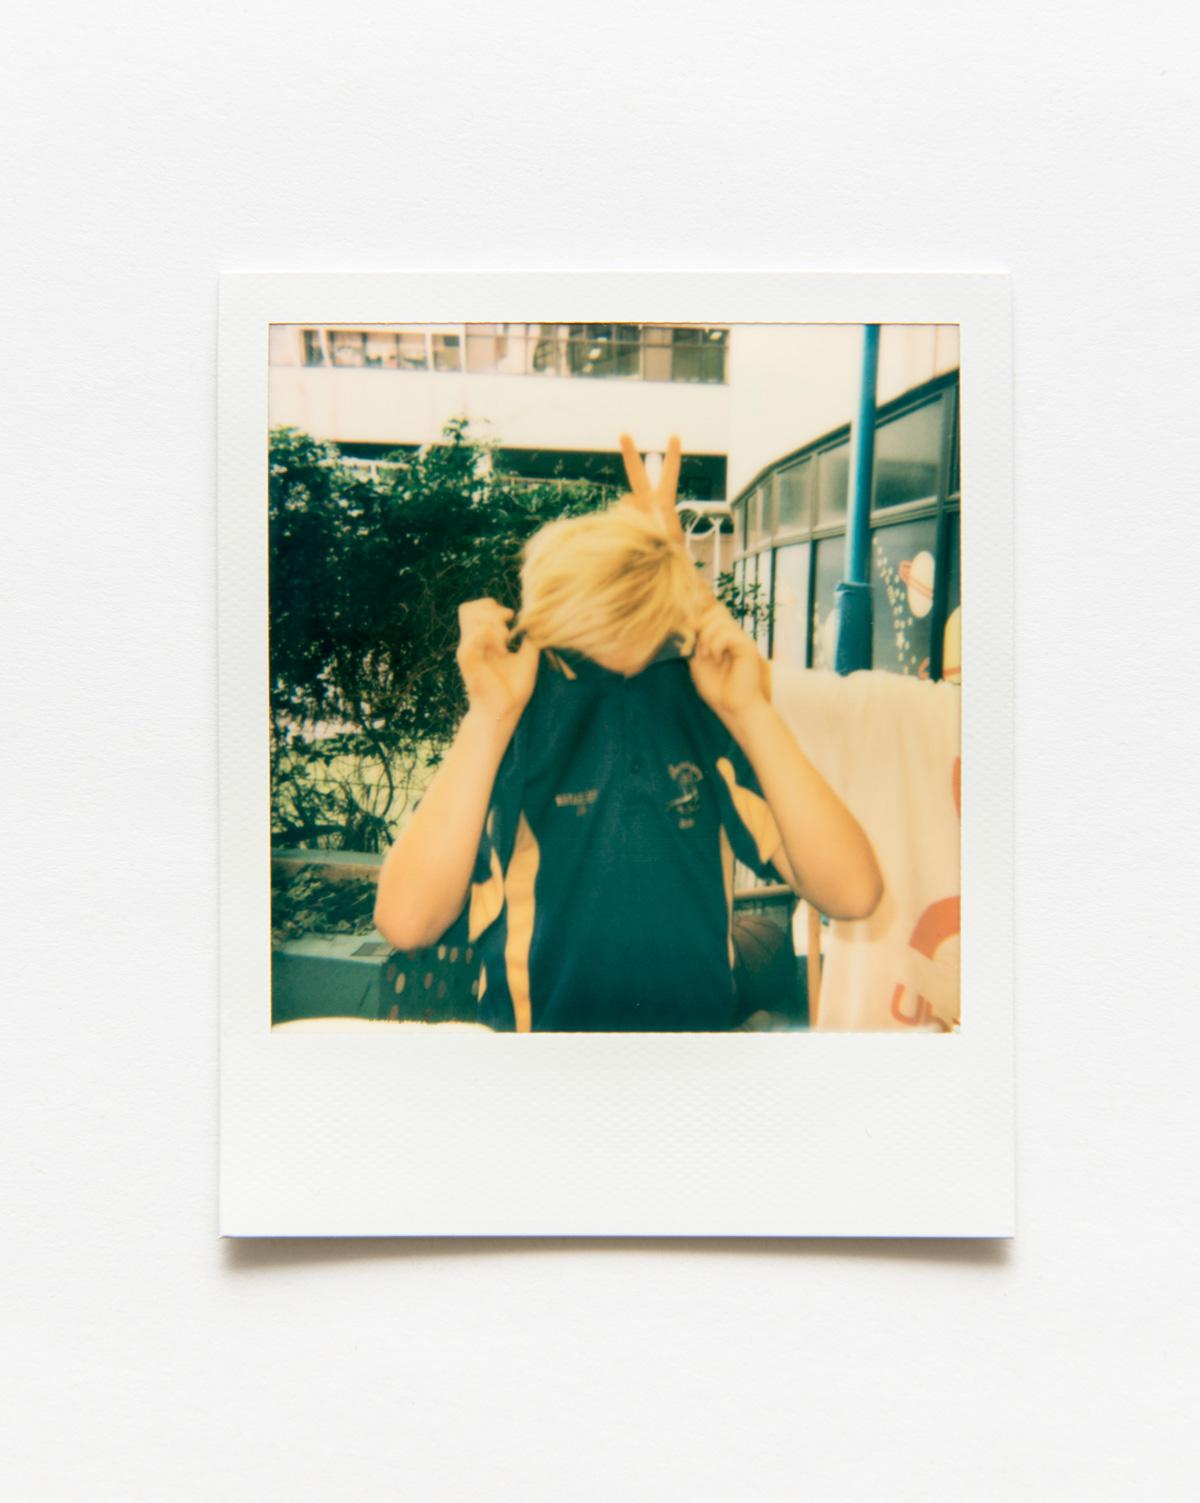 RCH-Polaroid-41